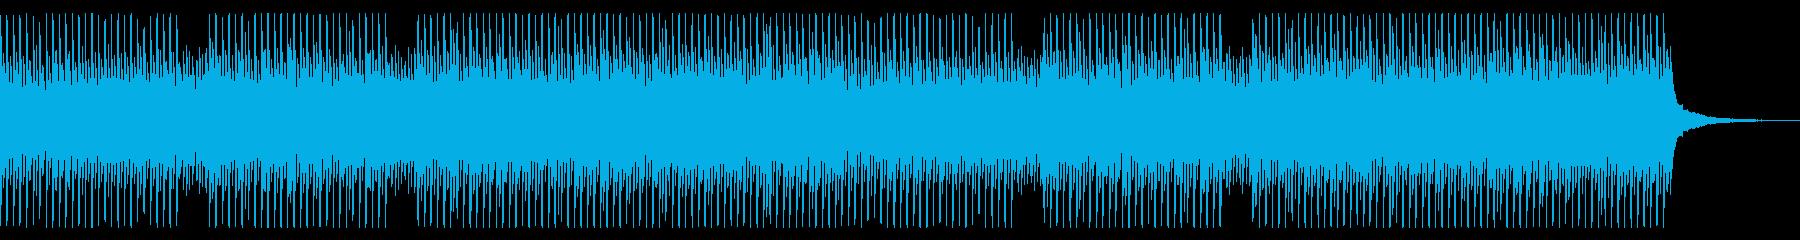 ストリングス無 再会 Pf ストリングスの再生済みの波形